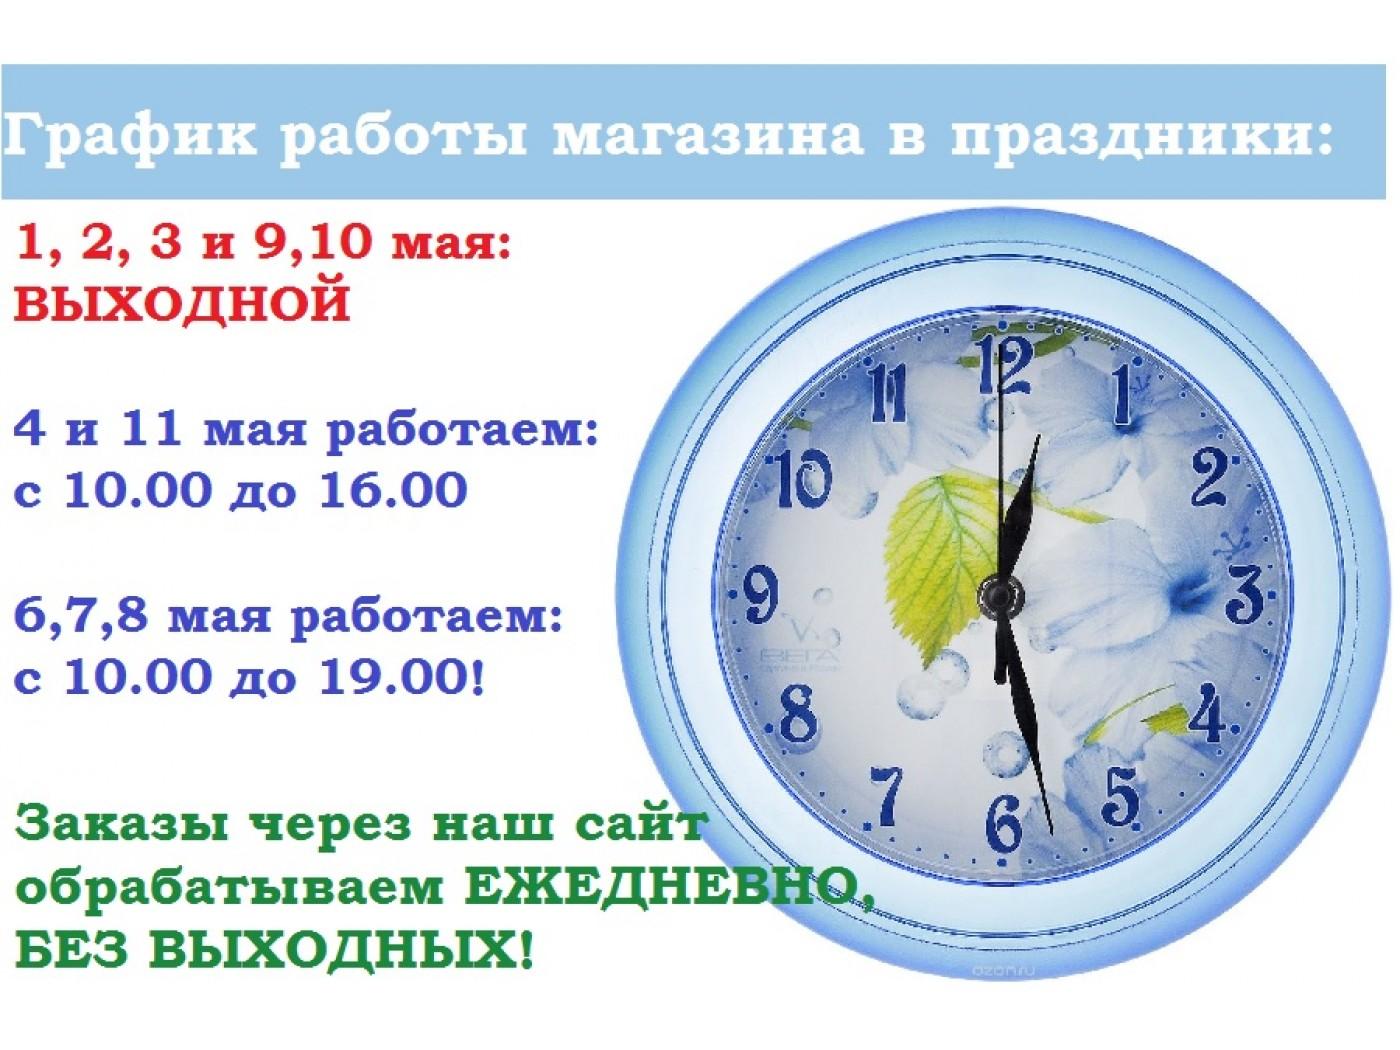 ГРАФИК РАБОТЫ  МАГАЗИНА «БЛЕСК-ЛС»  В ПРАЗДНИЧНЫЕ ДНИ